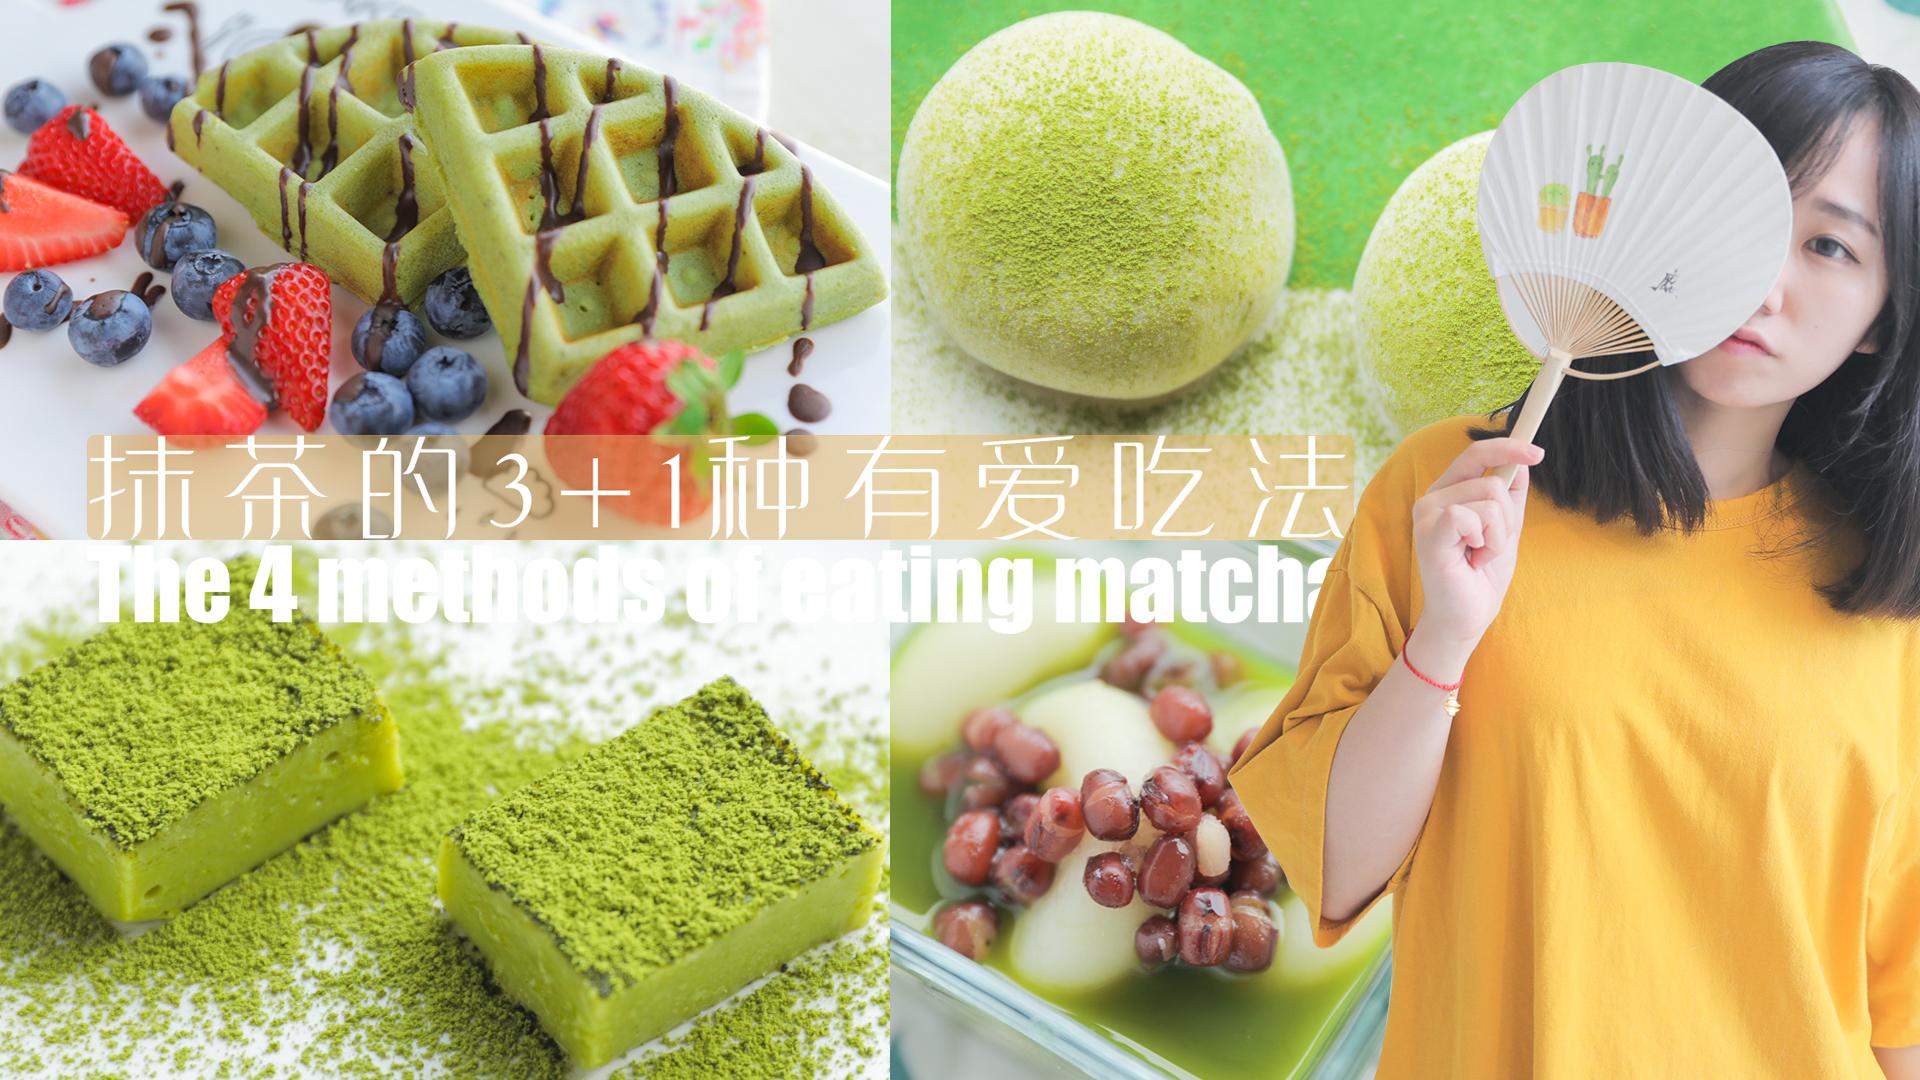 「厨娘物语」120抹茶的3+1种有爱吃法